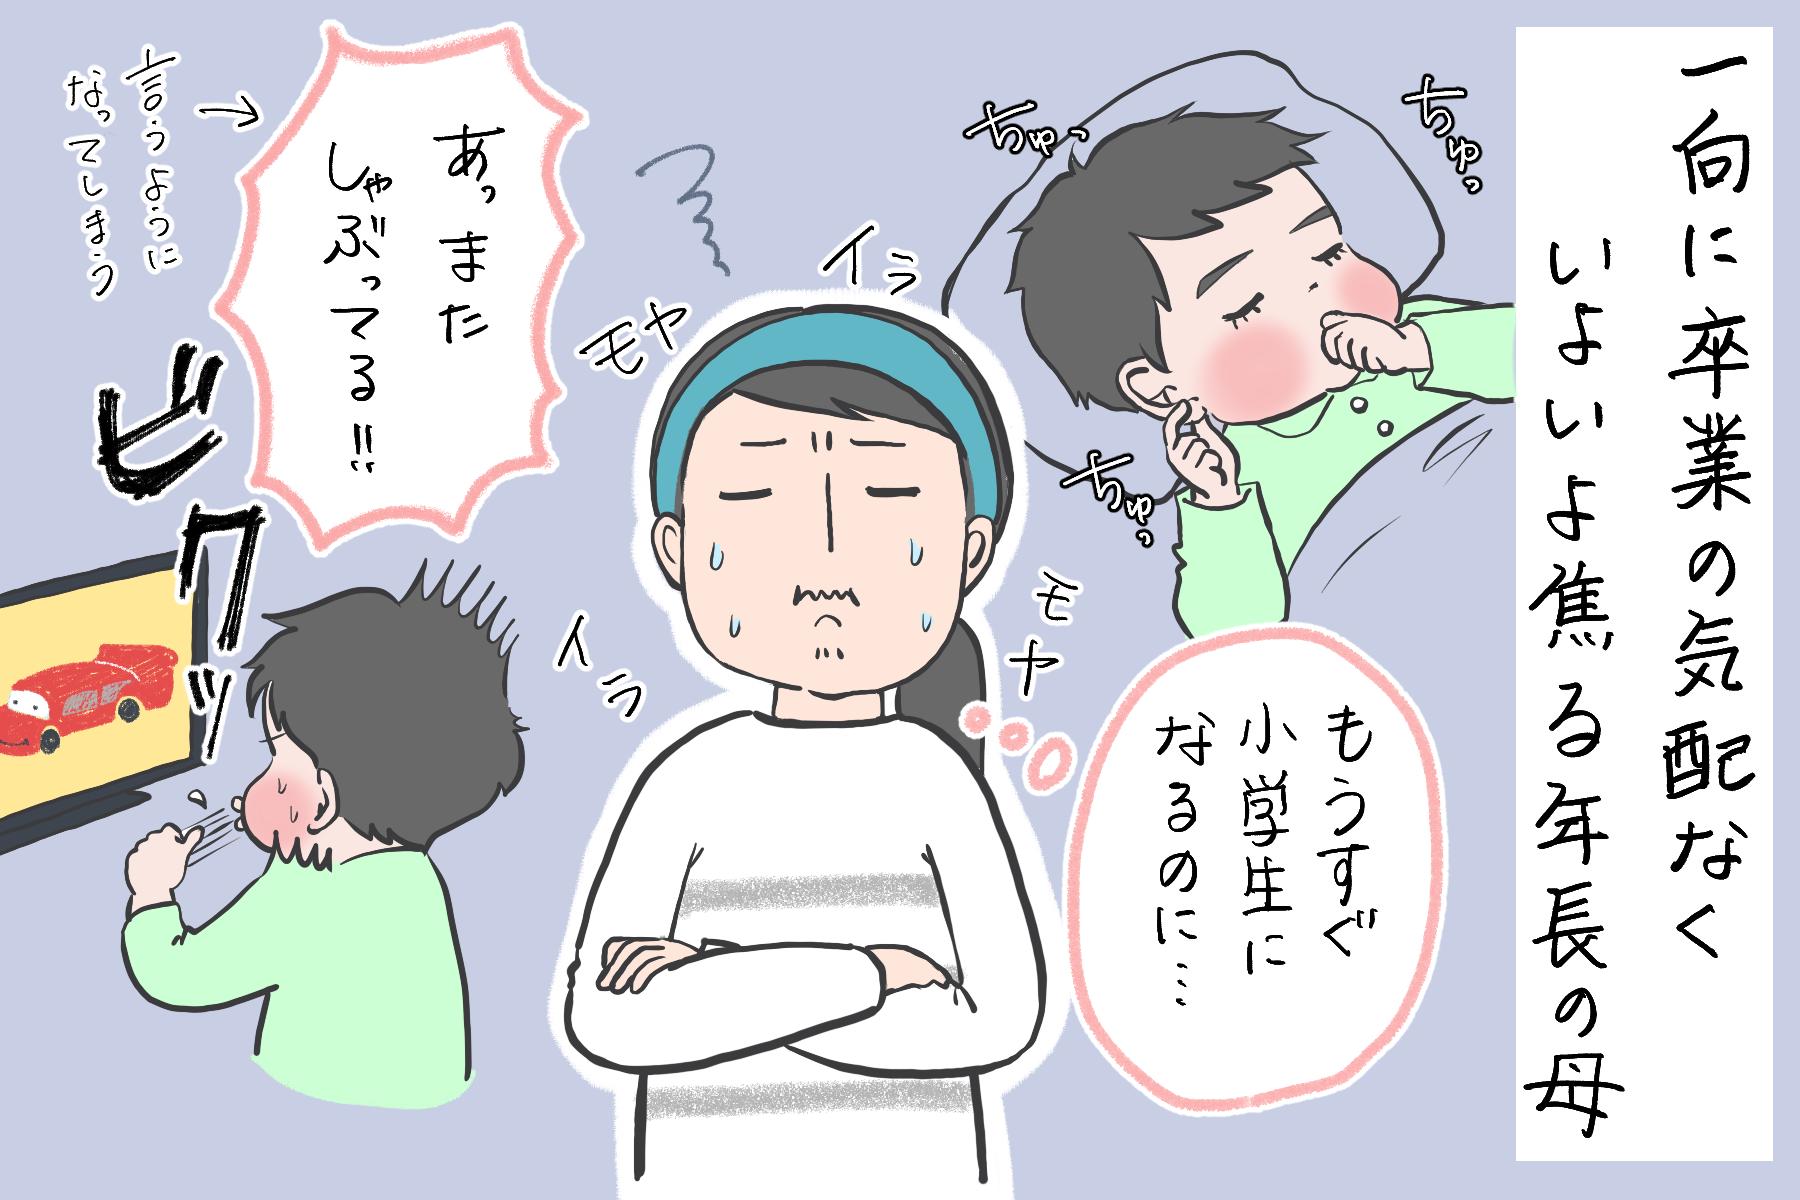 (イラスト1)